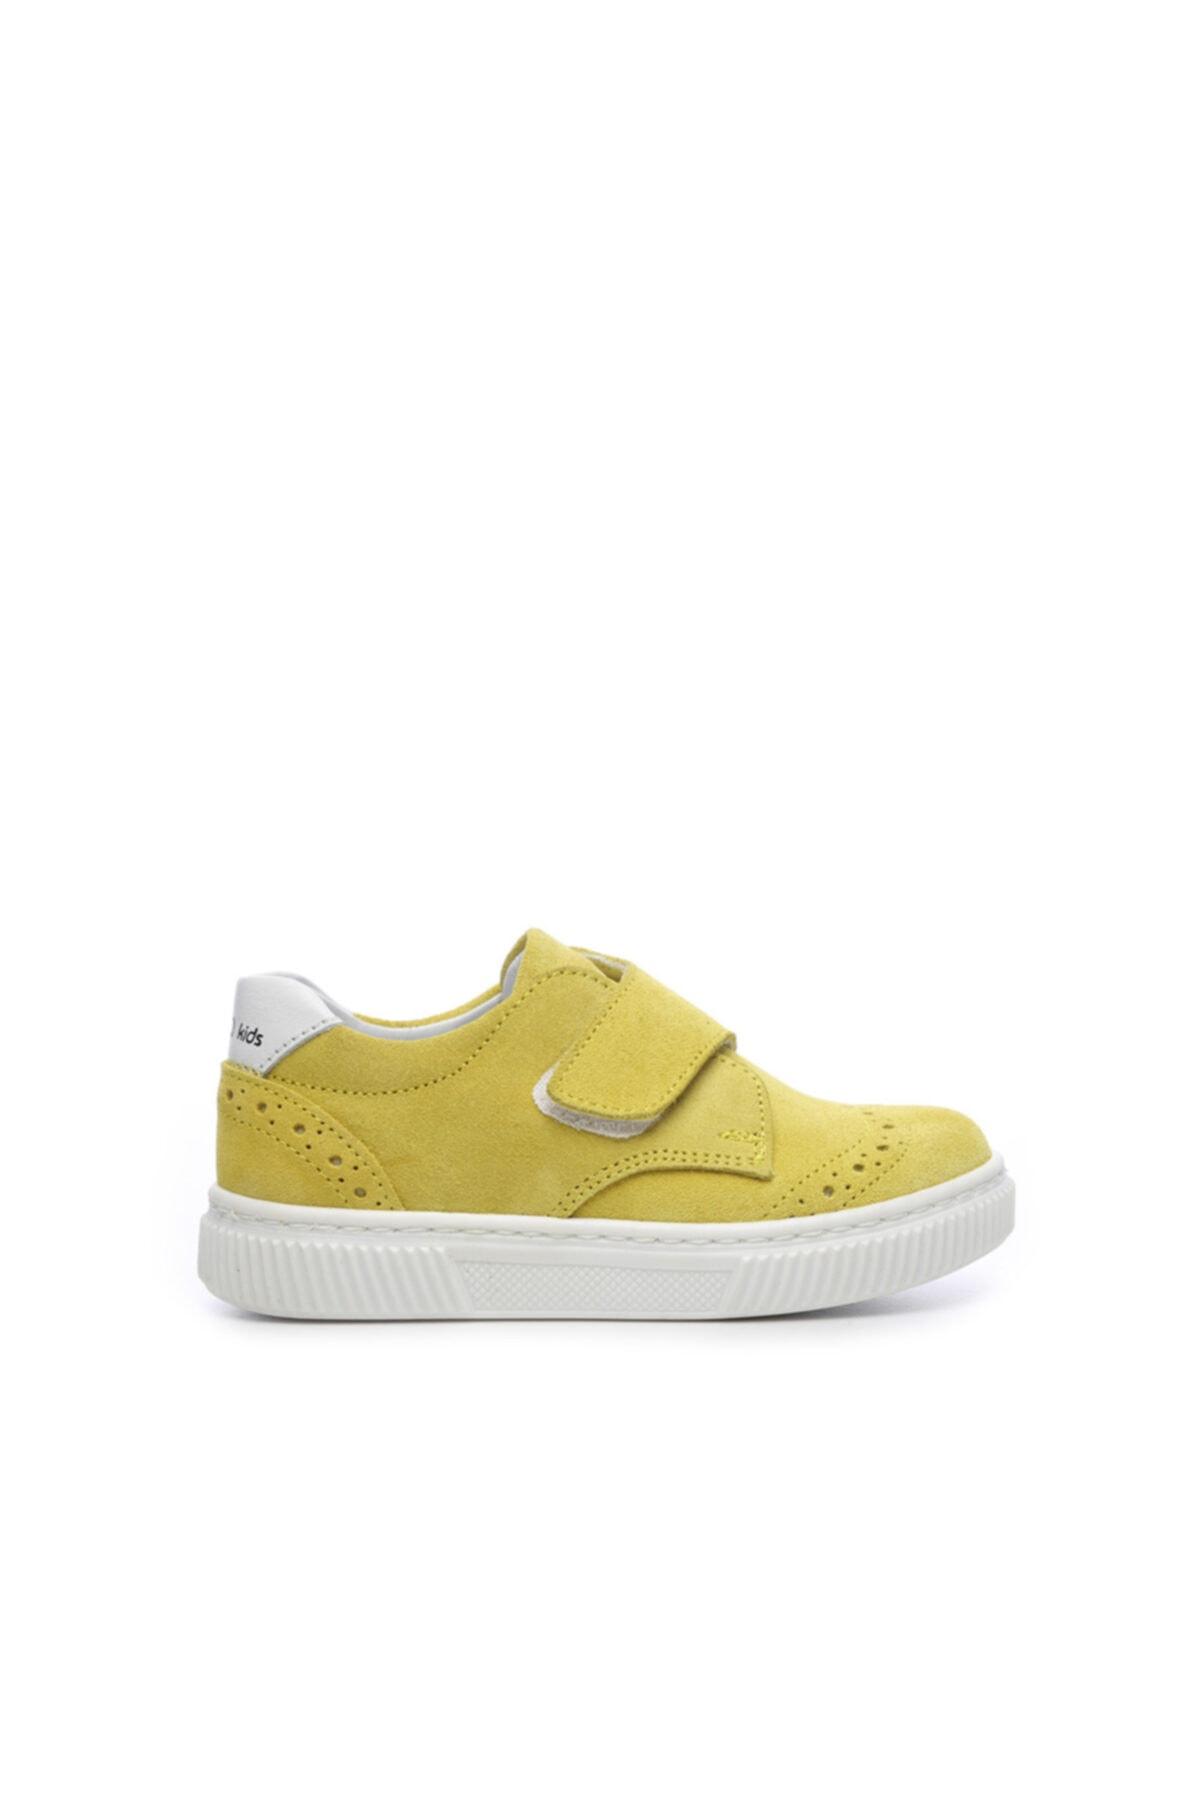 KEMAL TANCA Unisex Çocuk Sarı  Derı Çocuk Ayakkabı Ayakkabı 407 2028 Cck 21-30 Y19 1